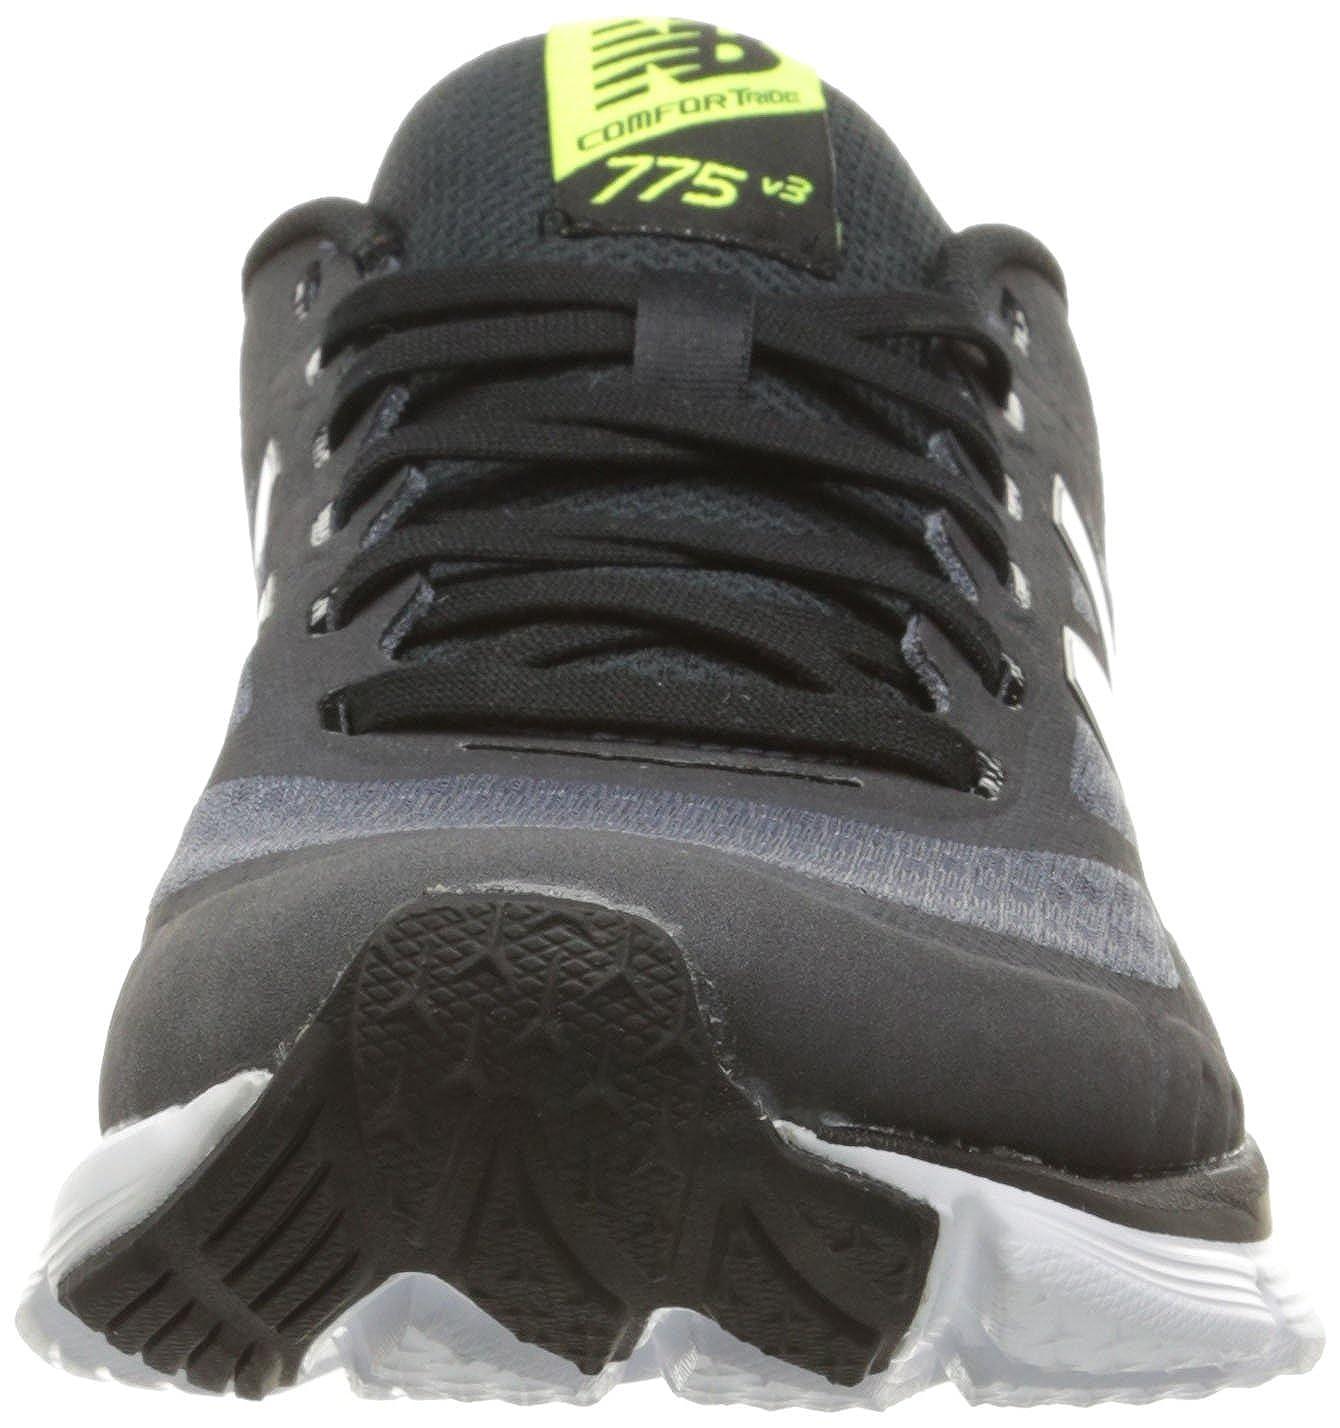 New Balance Men s M775v3 Running Shoe